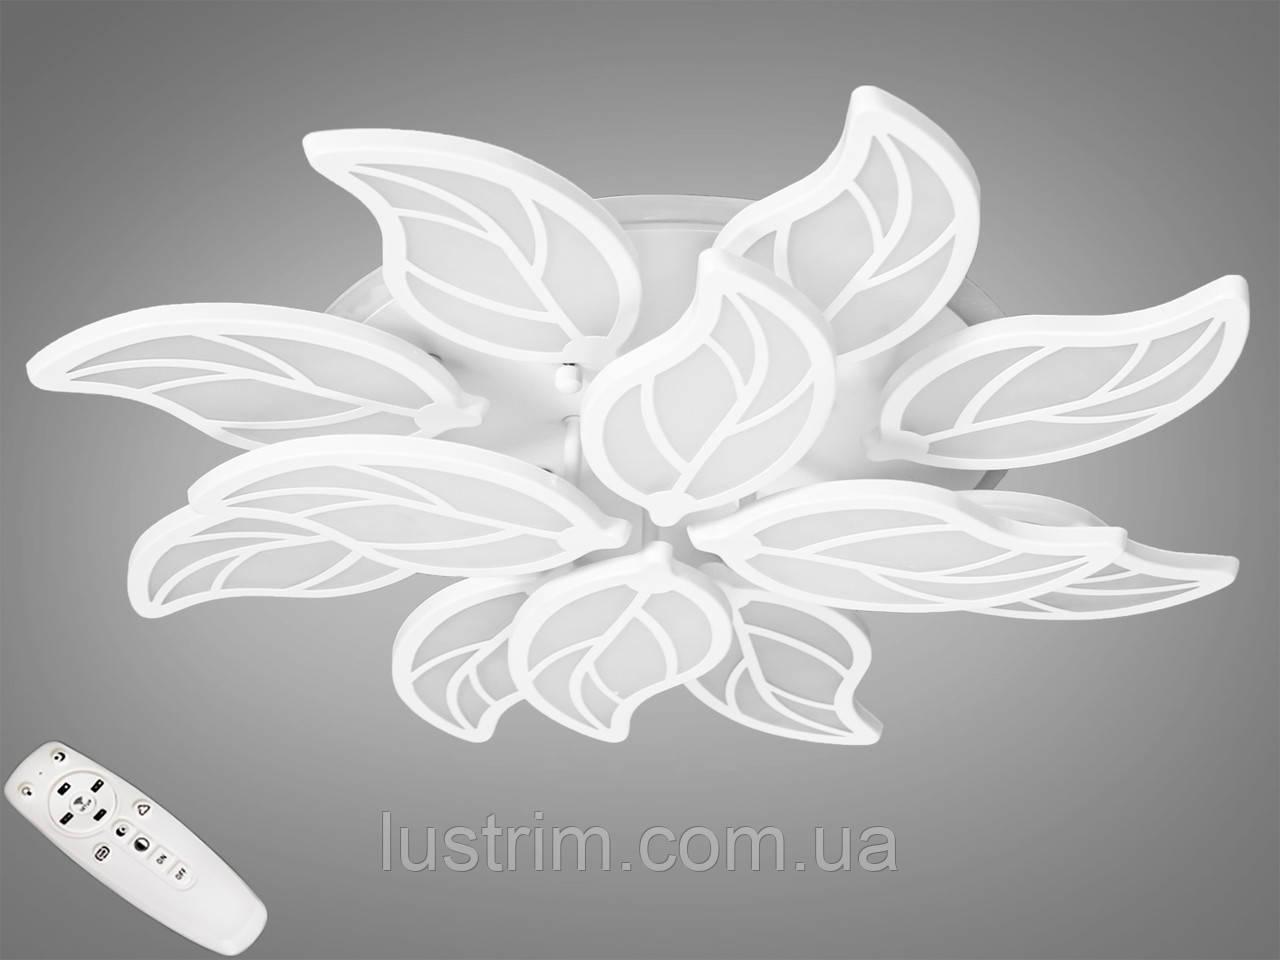 Светодиодная LED люстра с диммером и RGB подсветкой, 175W